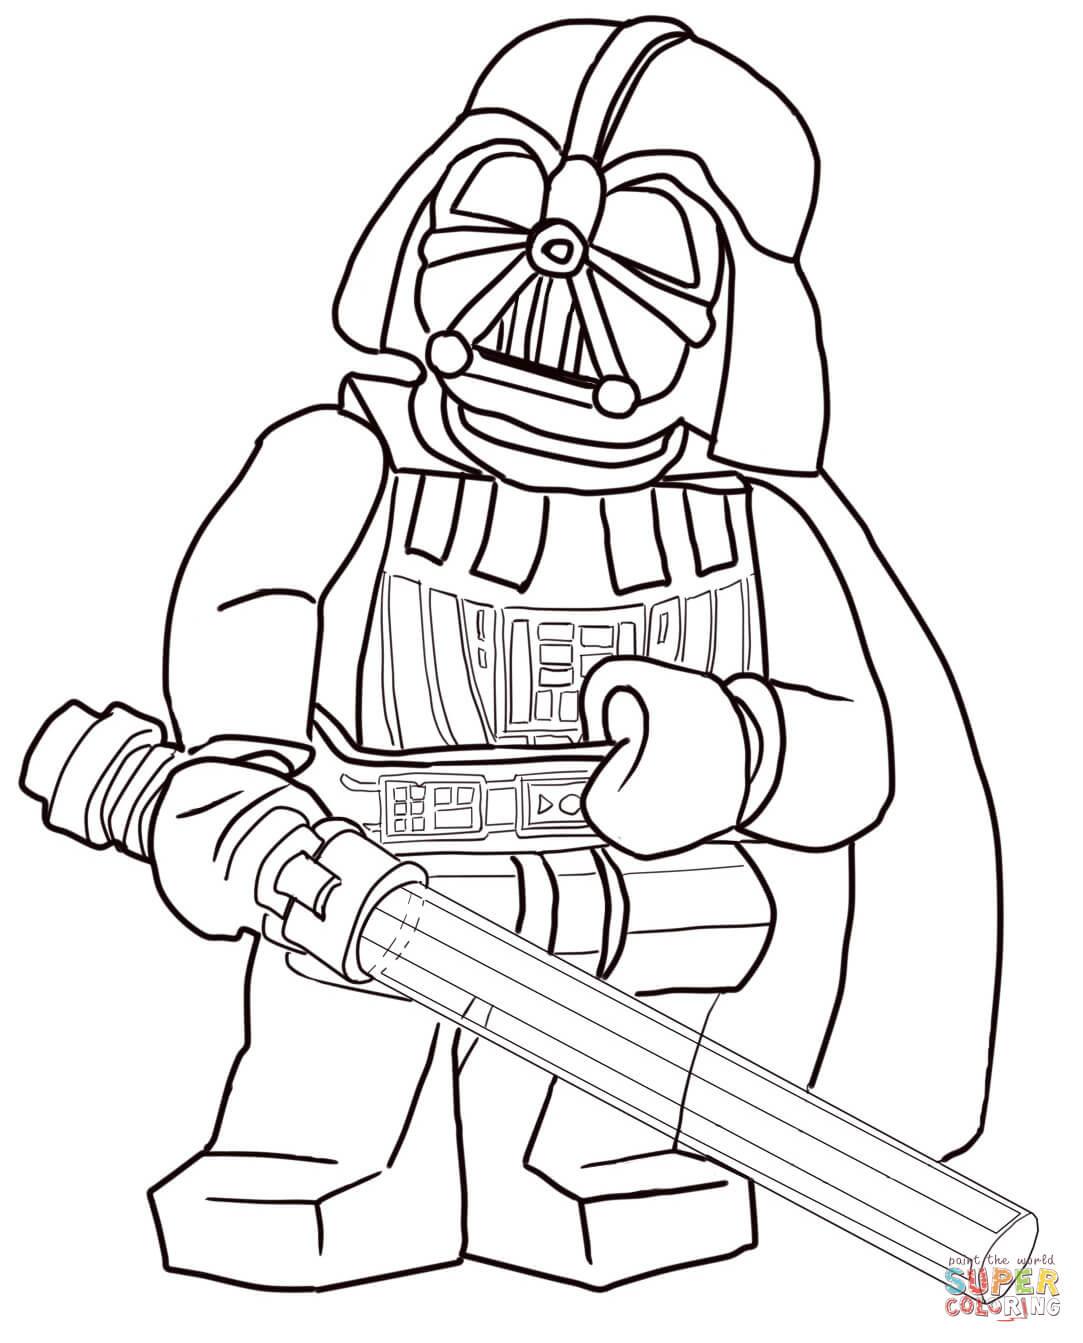 Ausmalbilder Star Wars Lego  Ausmalbild Lego Star Wars Darth Vader